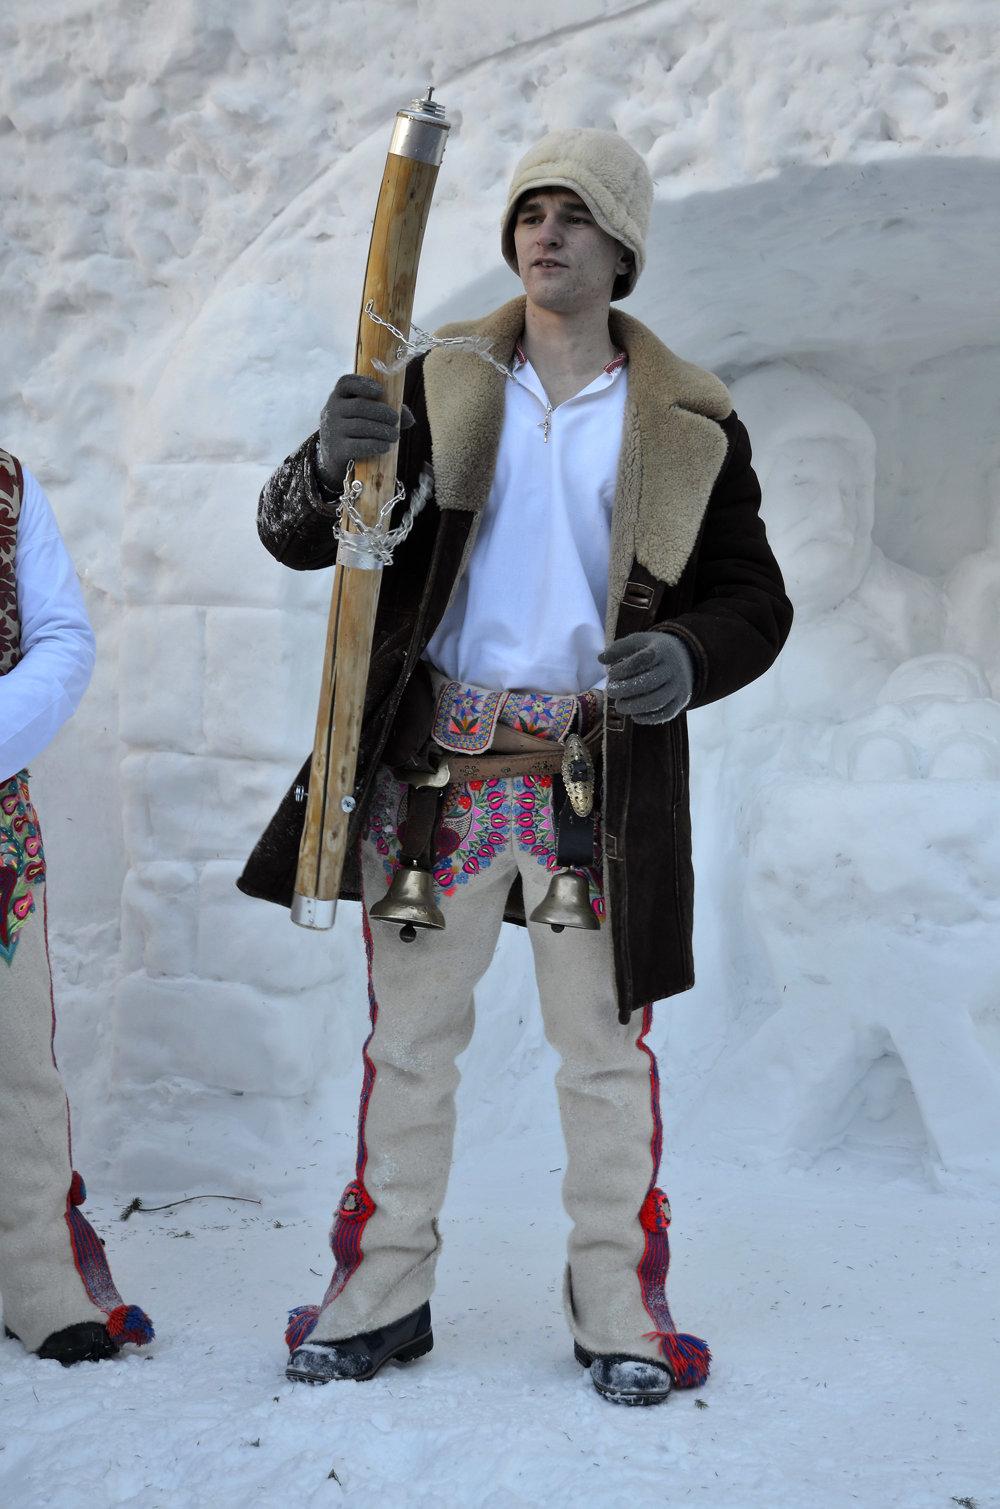 Člen folklórneho súboru z Lendaku počas podujatia Trojkráľové stretnutie pri snehovom betleheme.